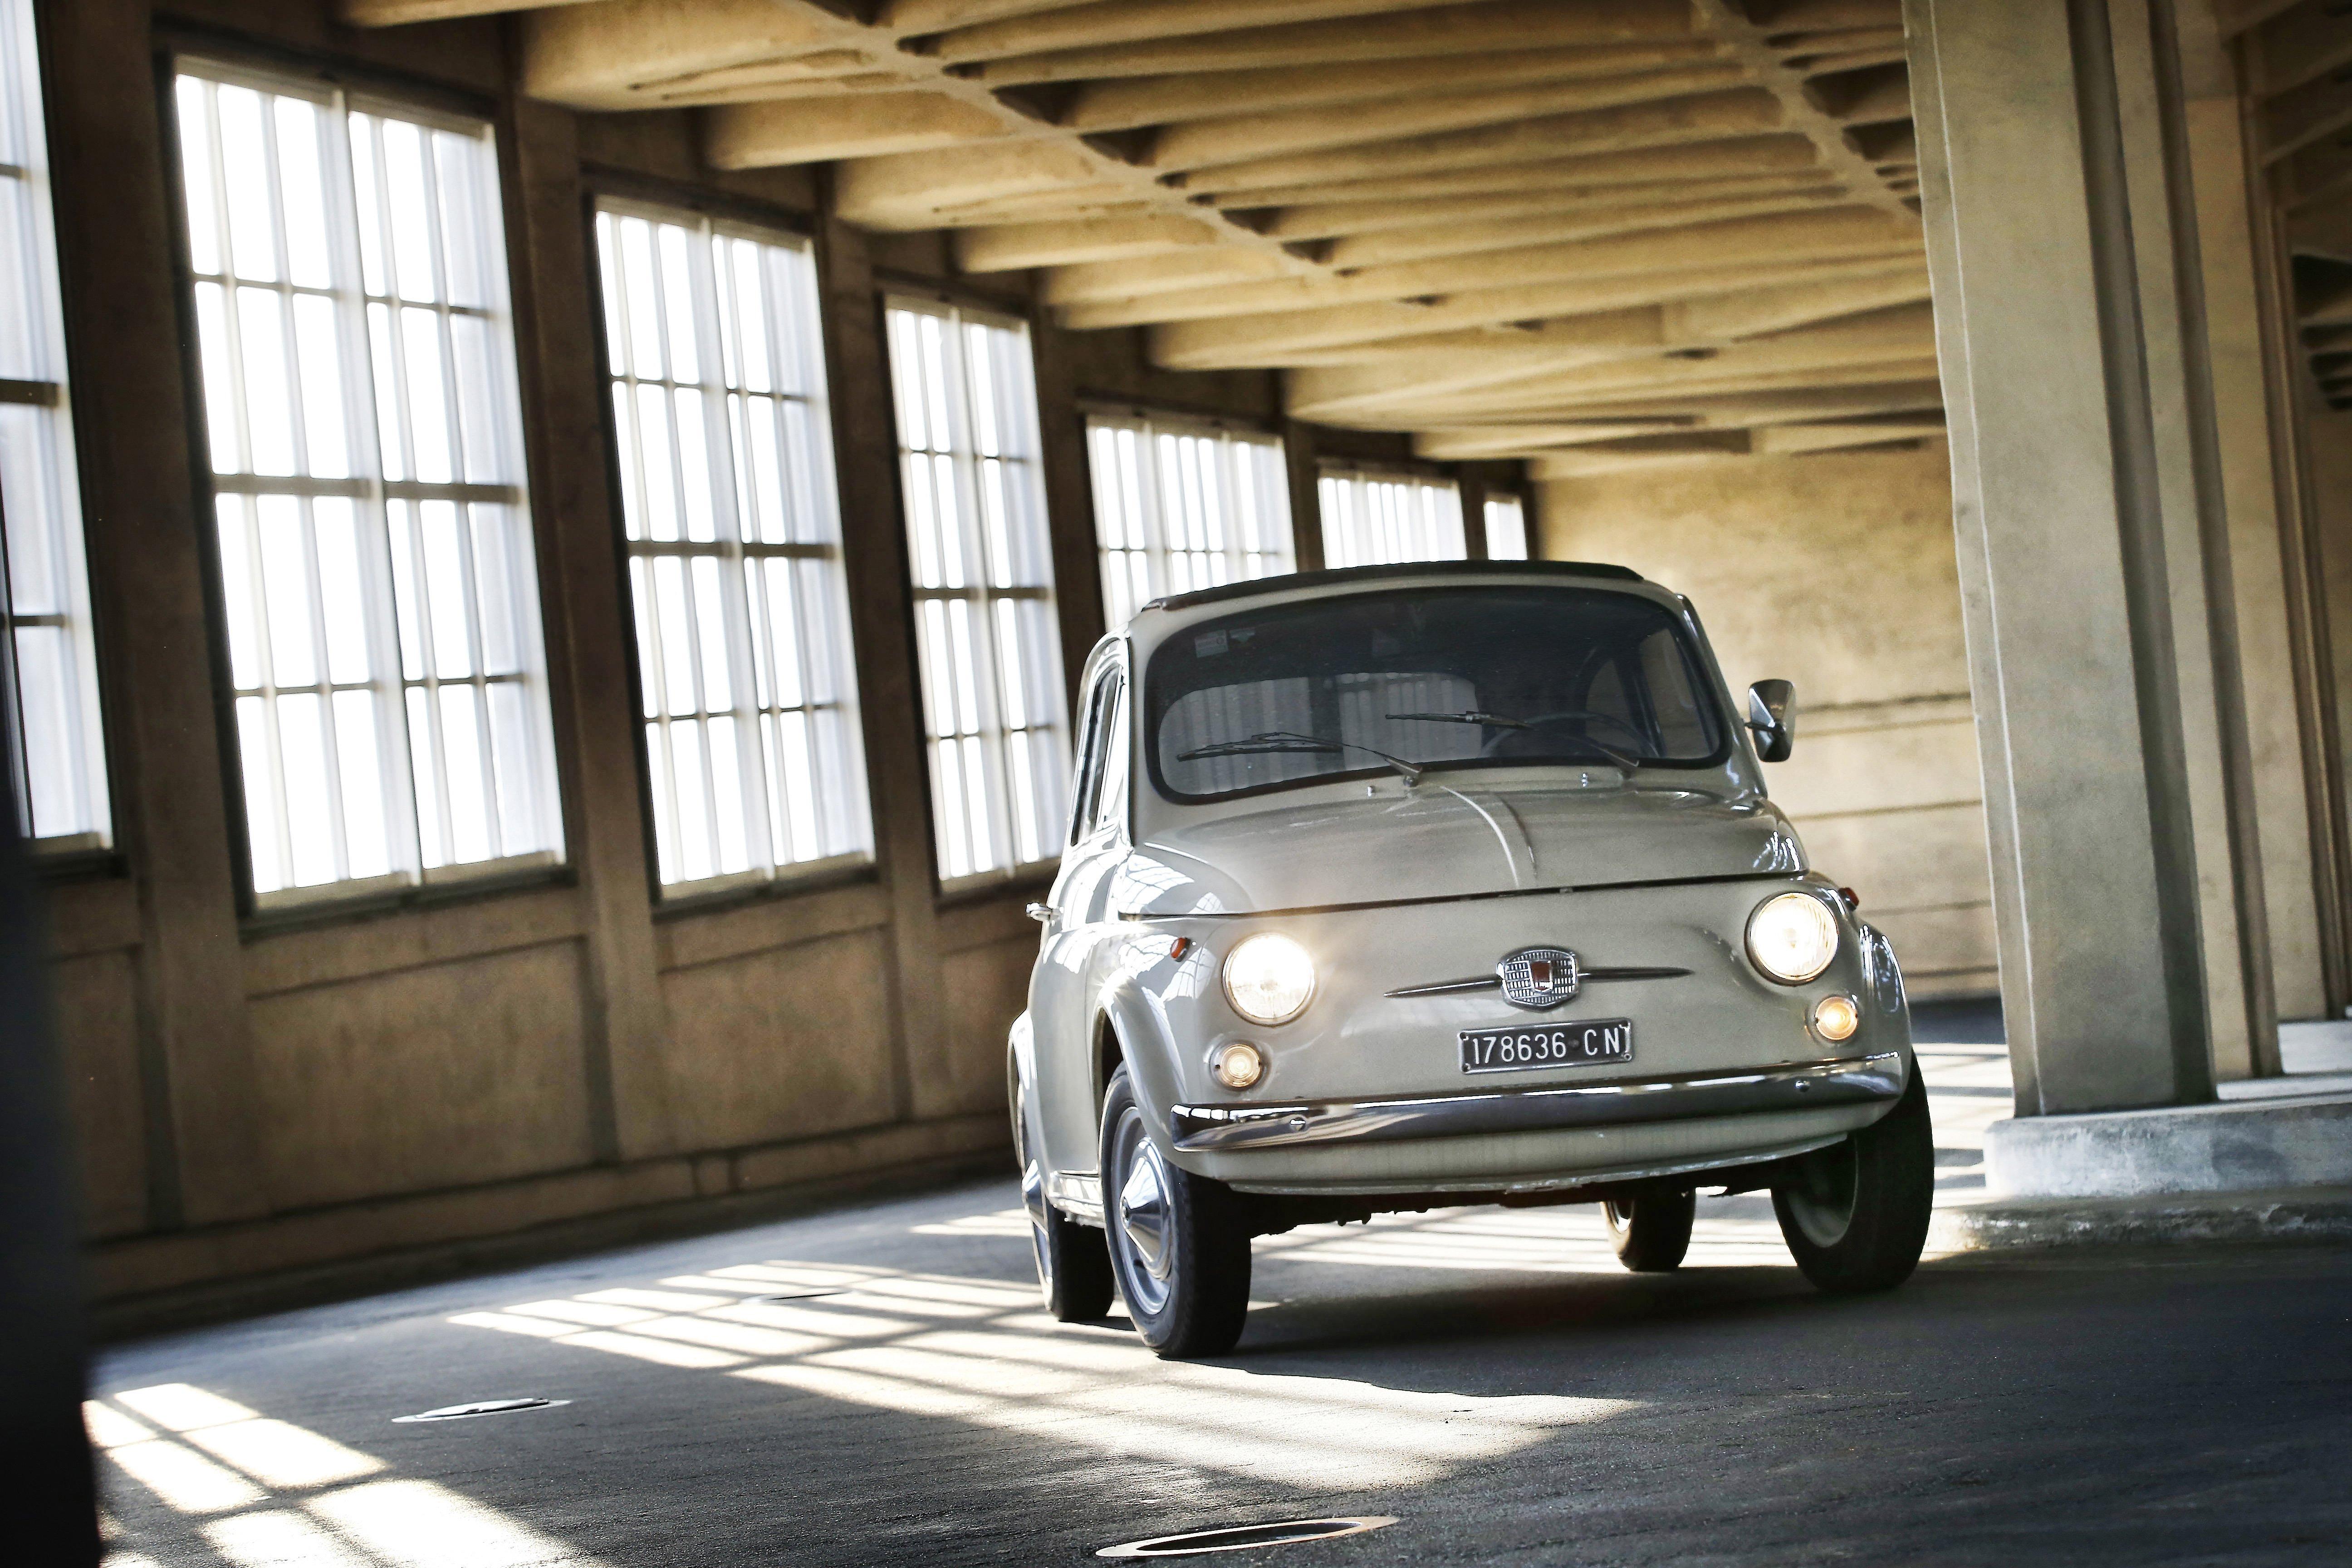 """Fiat 500 F all'esposizione """"The Value of Good Design"""" presso il Museum of Modern Art di New York"""